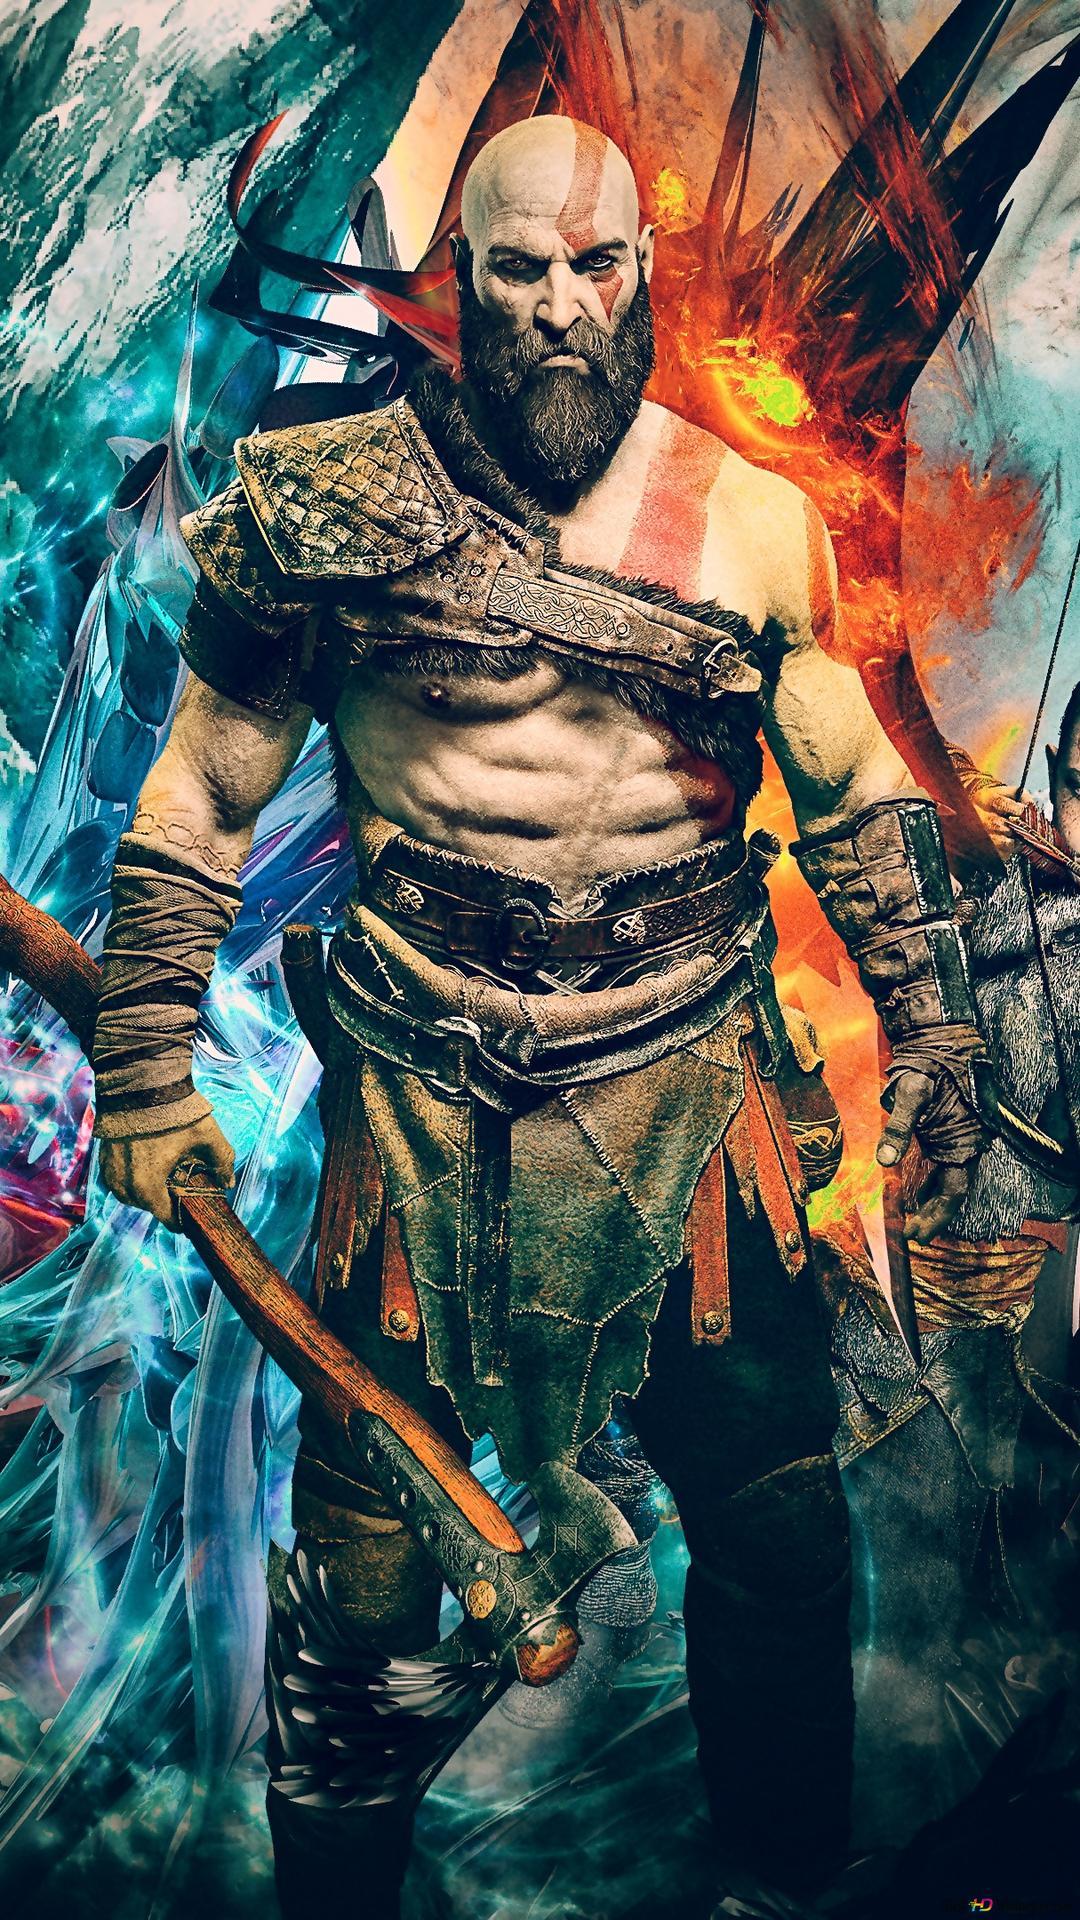 God Of War 4 Video Game Kratos And Atreus Hd Wallpaper